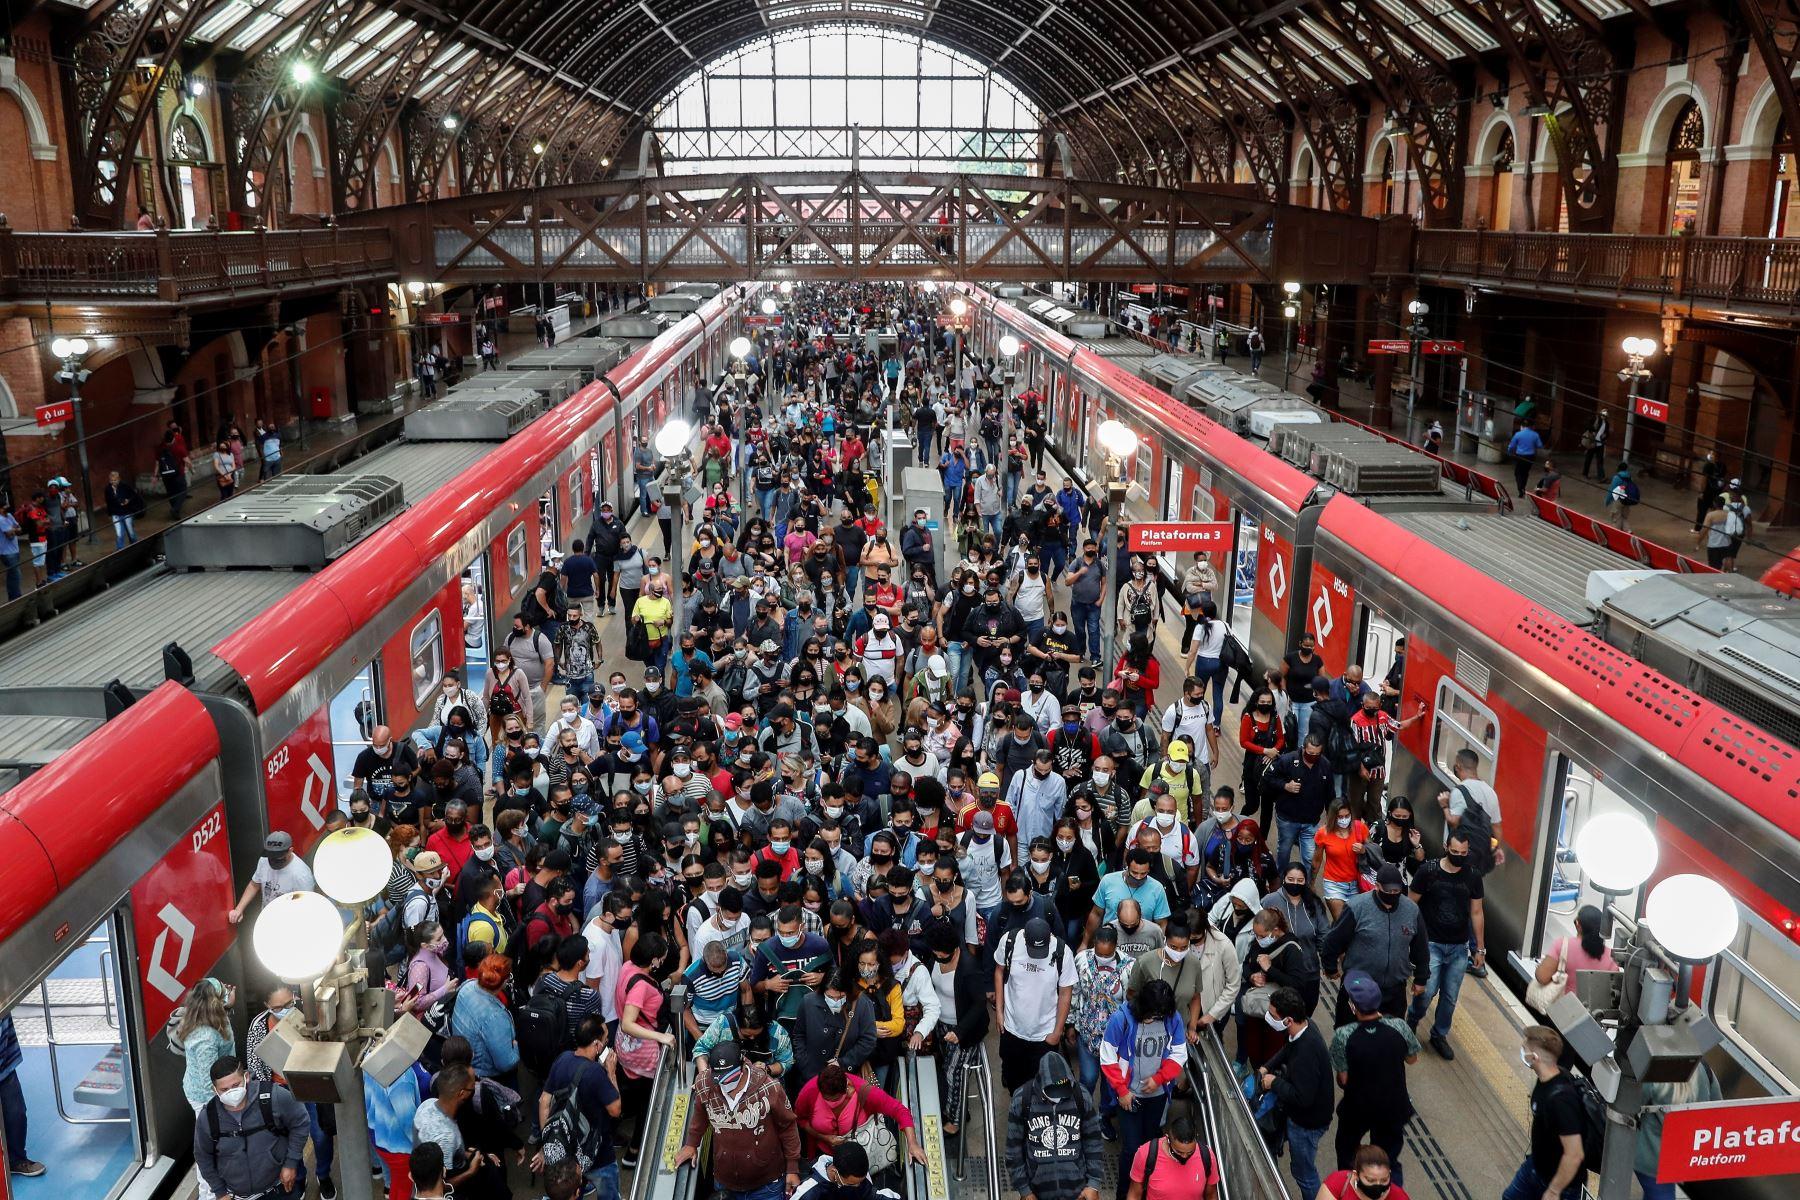 Decenas de pasajeros desembarcan del tren en la estación Luz, en el centro de Sao Paulo, Brasil. Un año después del primer caso de coronavirus, que fue además el primero de América Latina, el 26 de febrero del 2021. Foto: EFE